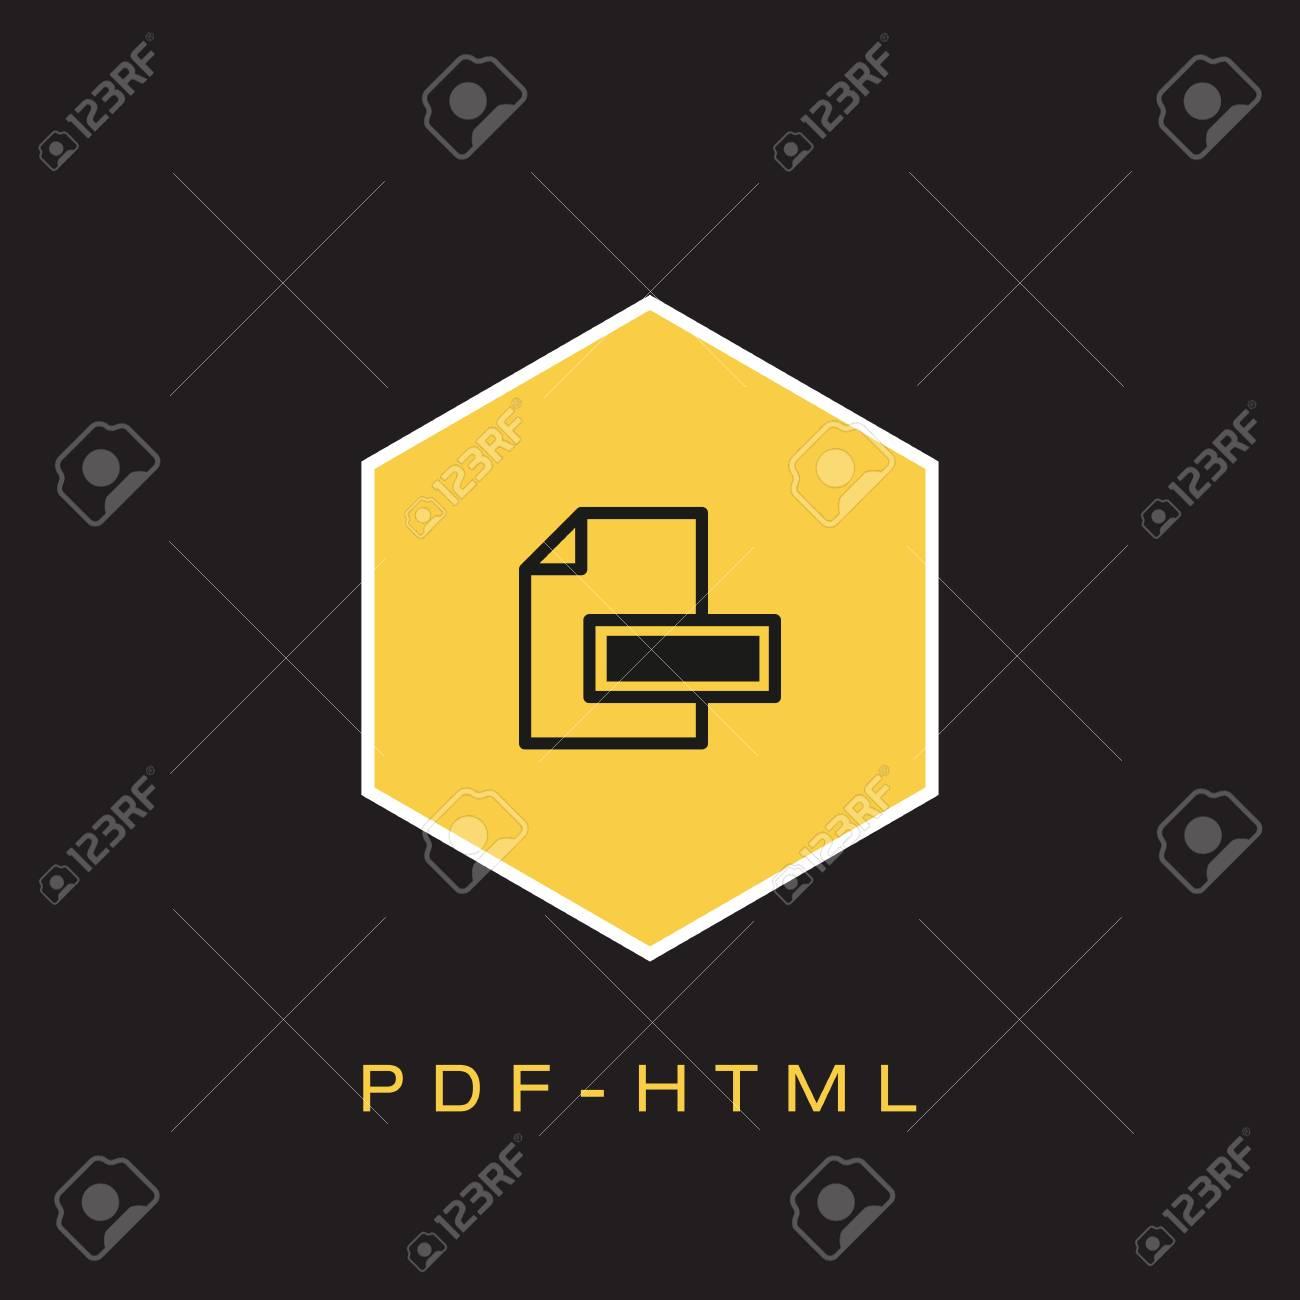 Html Pdf Icon